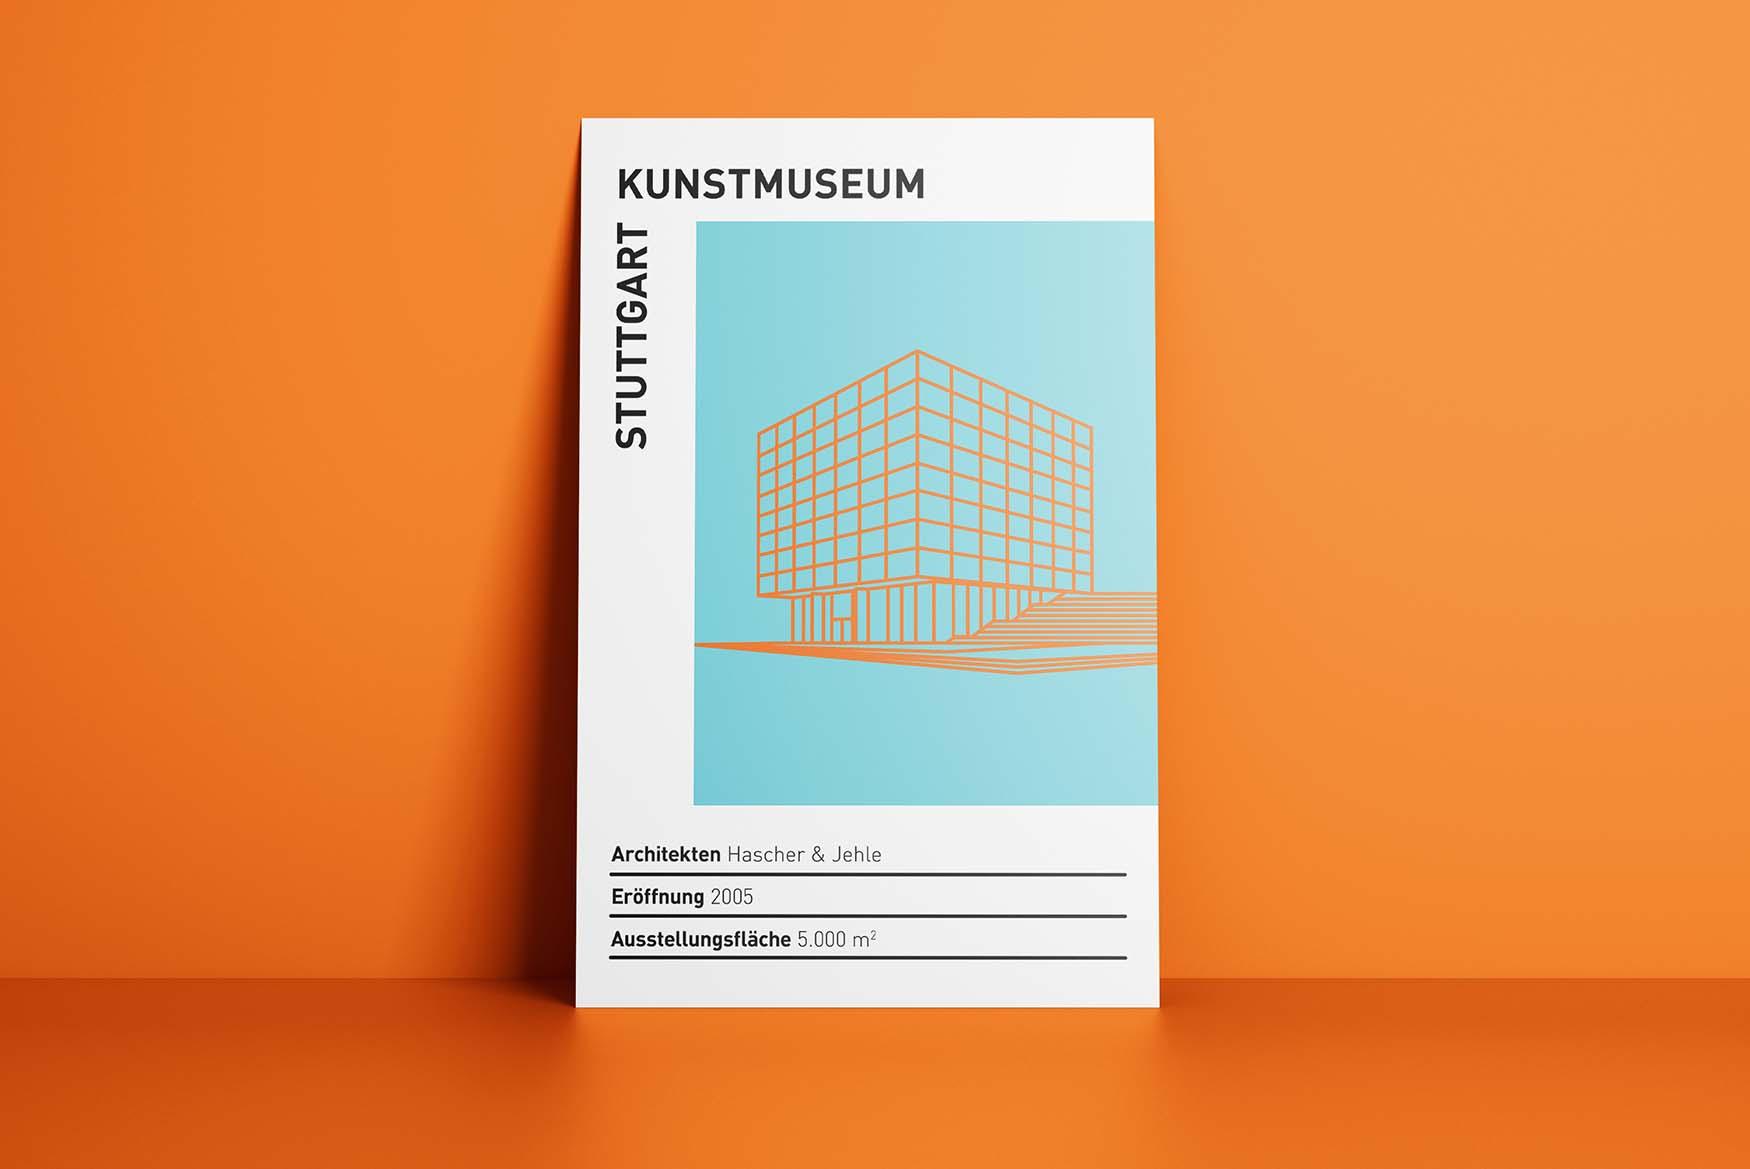 Kreativbetrieb-Designagentur-Architektur-Stuttgart-2